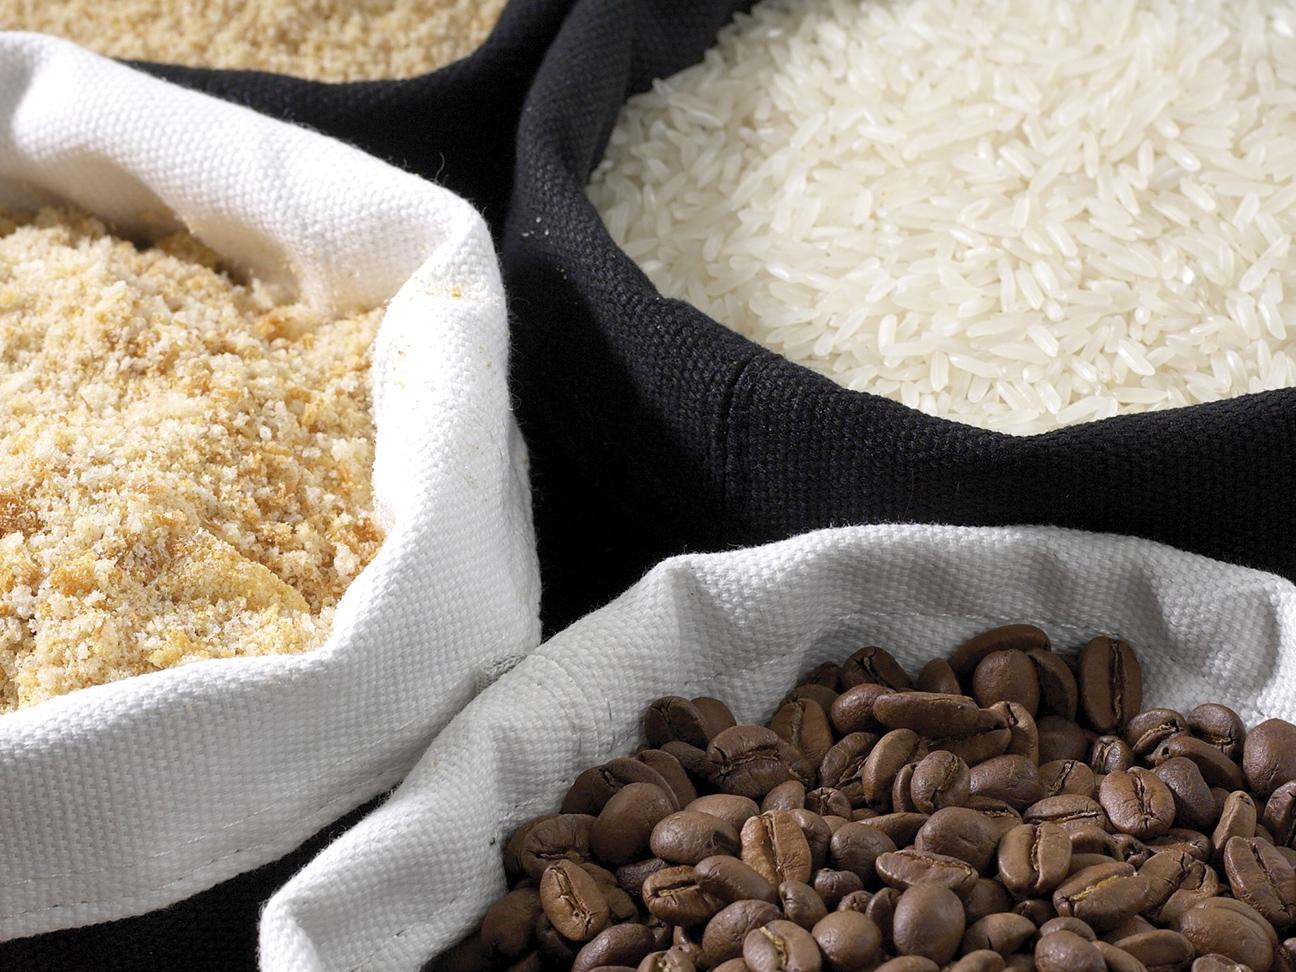 Kurver med ris, kaffebønner og brødsmuler. Bilde.